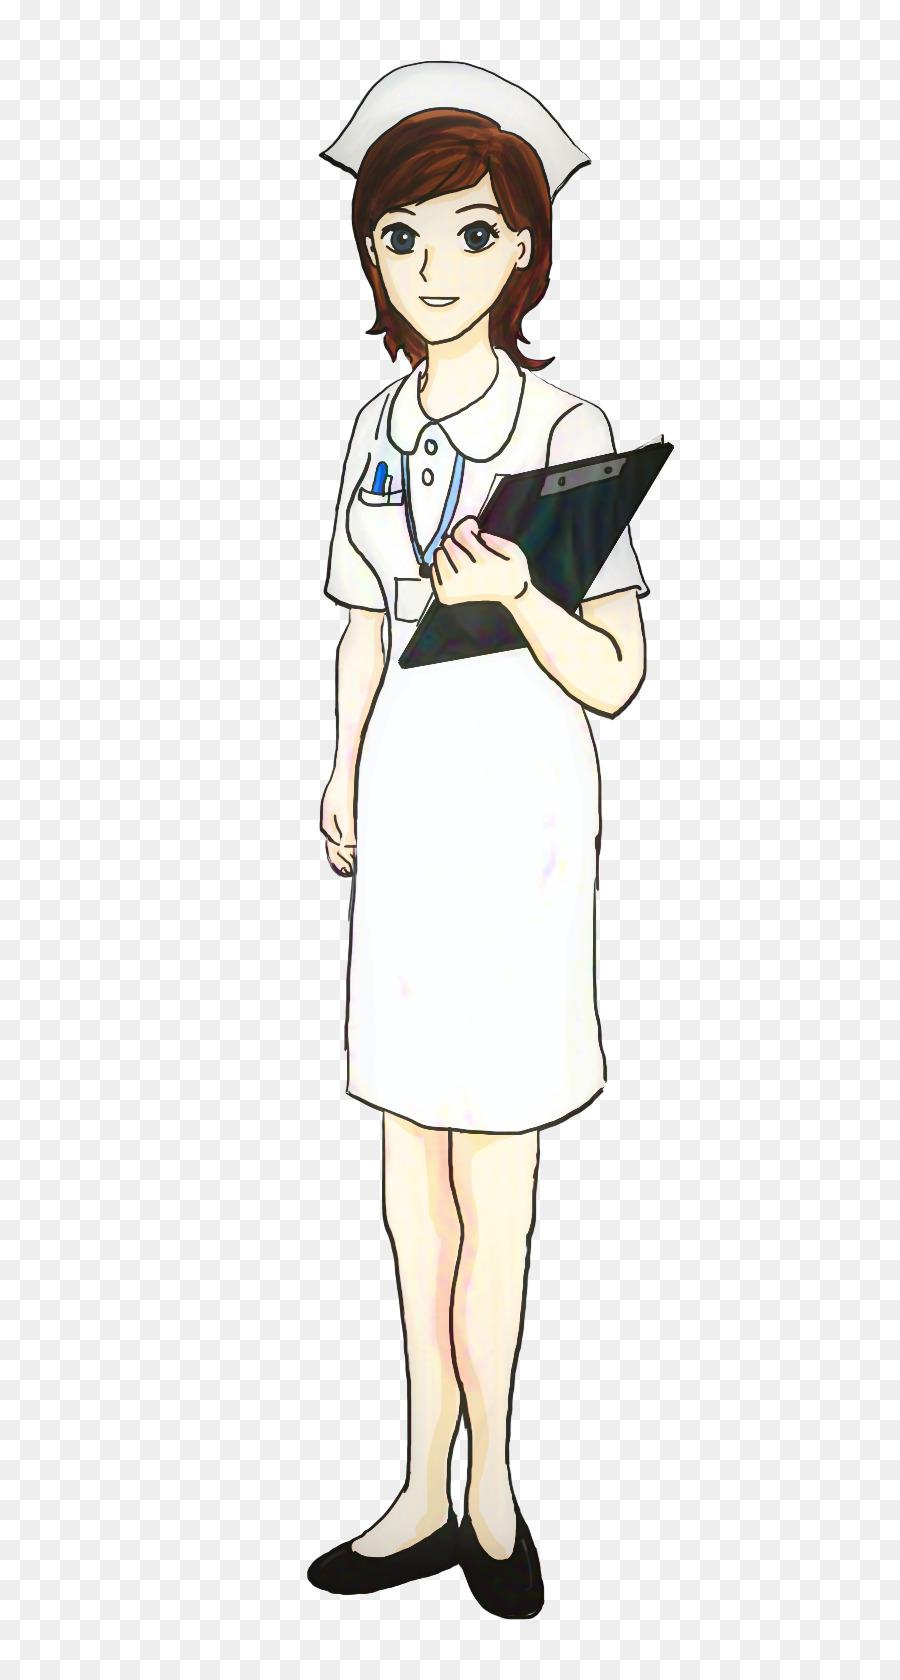 hight resolution of nursing school nursing hat cartoon standing png